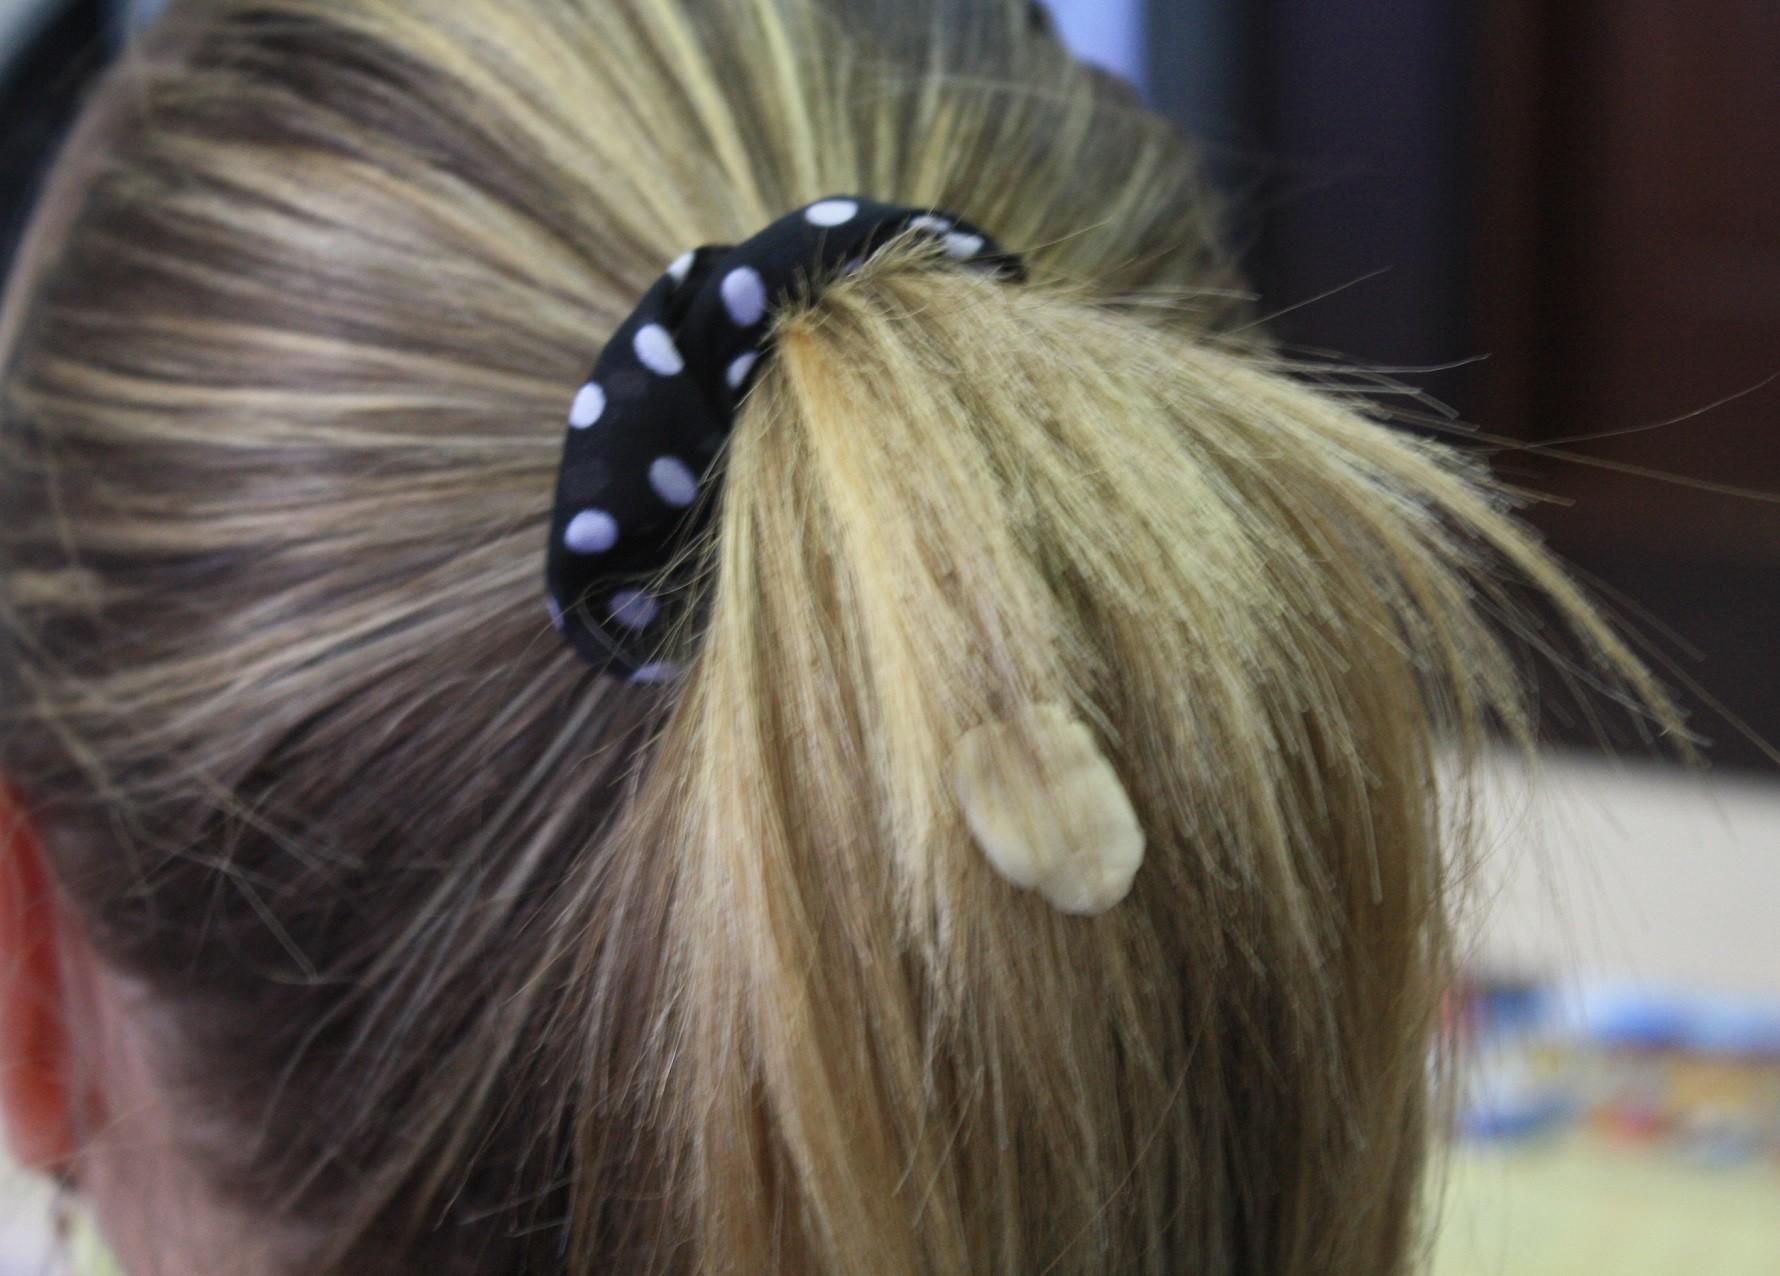 жвачка в волосах как удалить